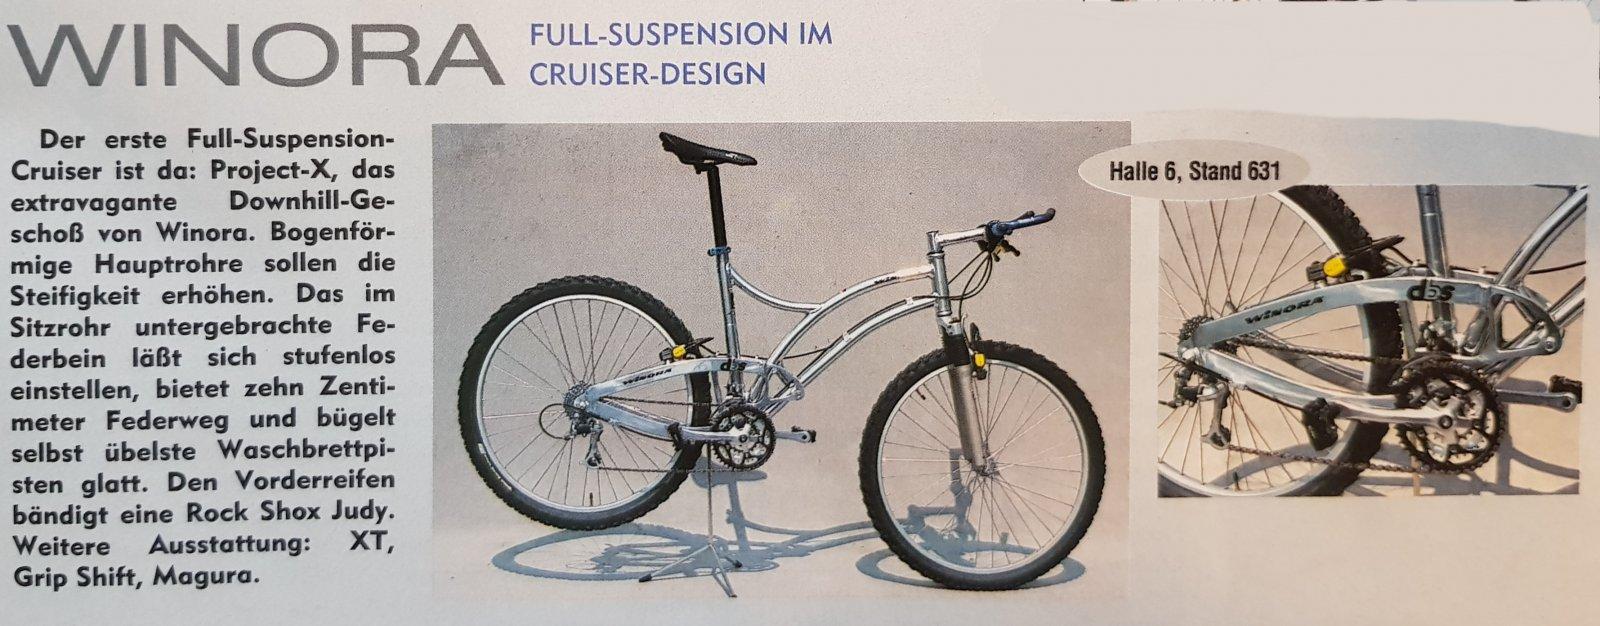 Winora Project-X Vorstellung aus Bike 1994.jpg